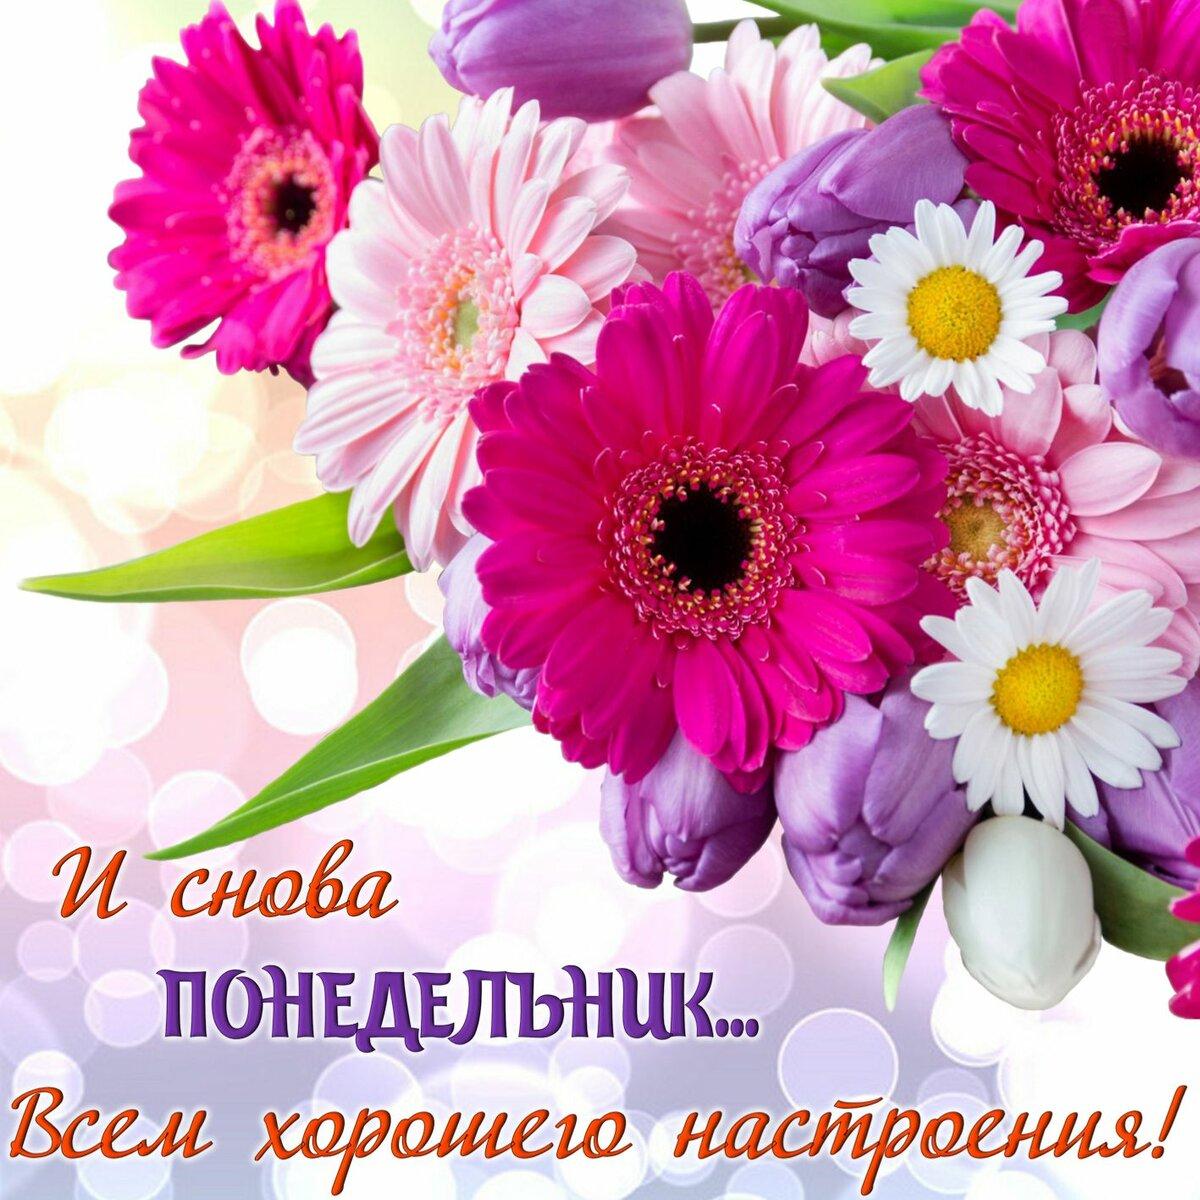 Красивые картинки с цветами с пожеланиями хорошего, представители